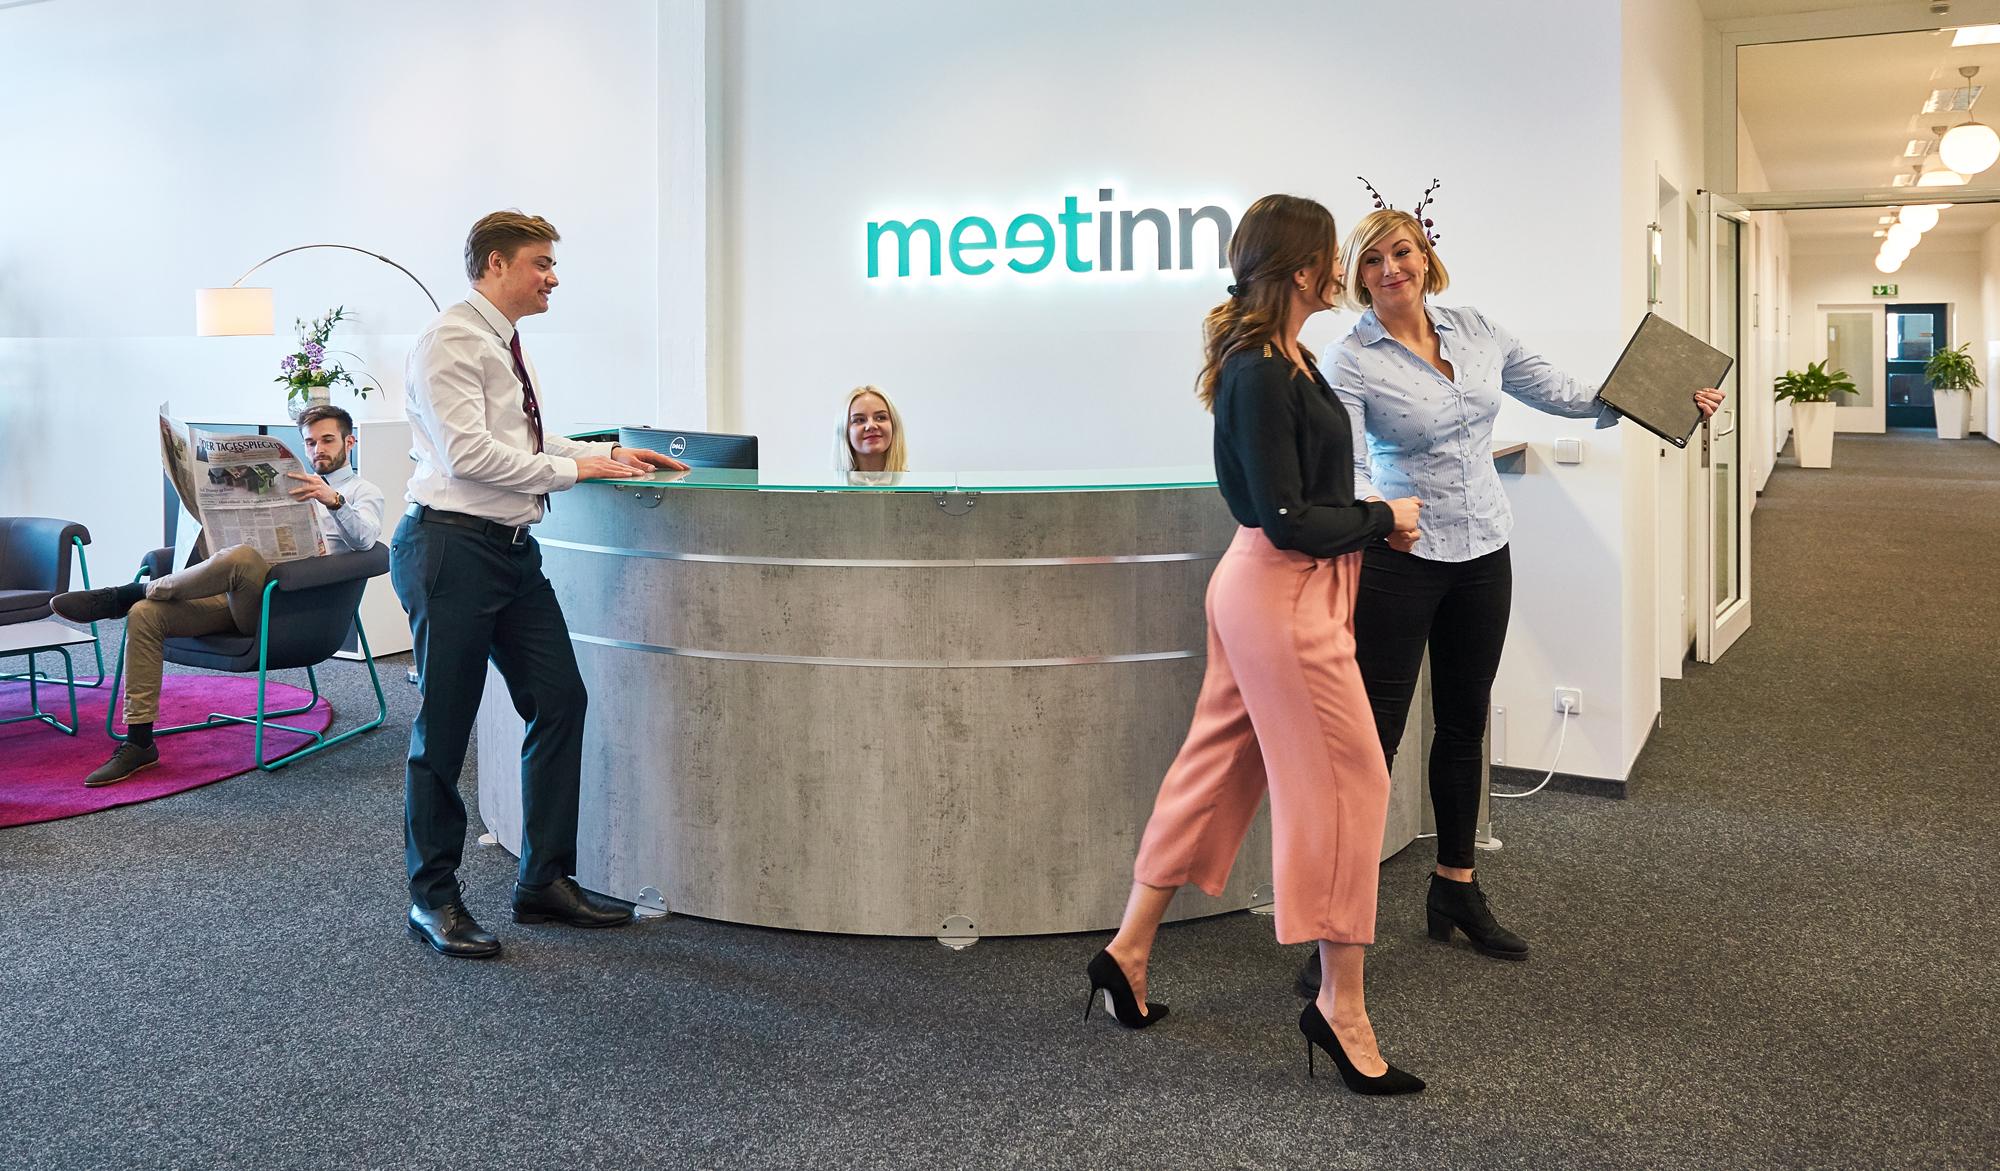 meetinn reception